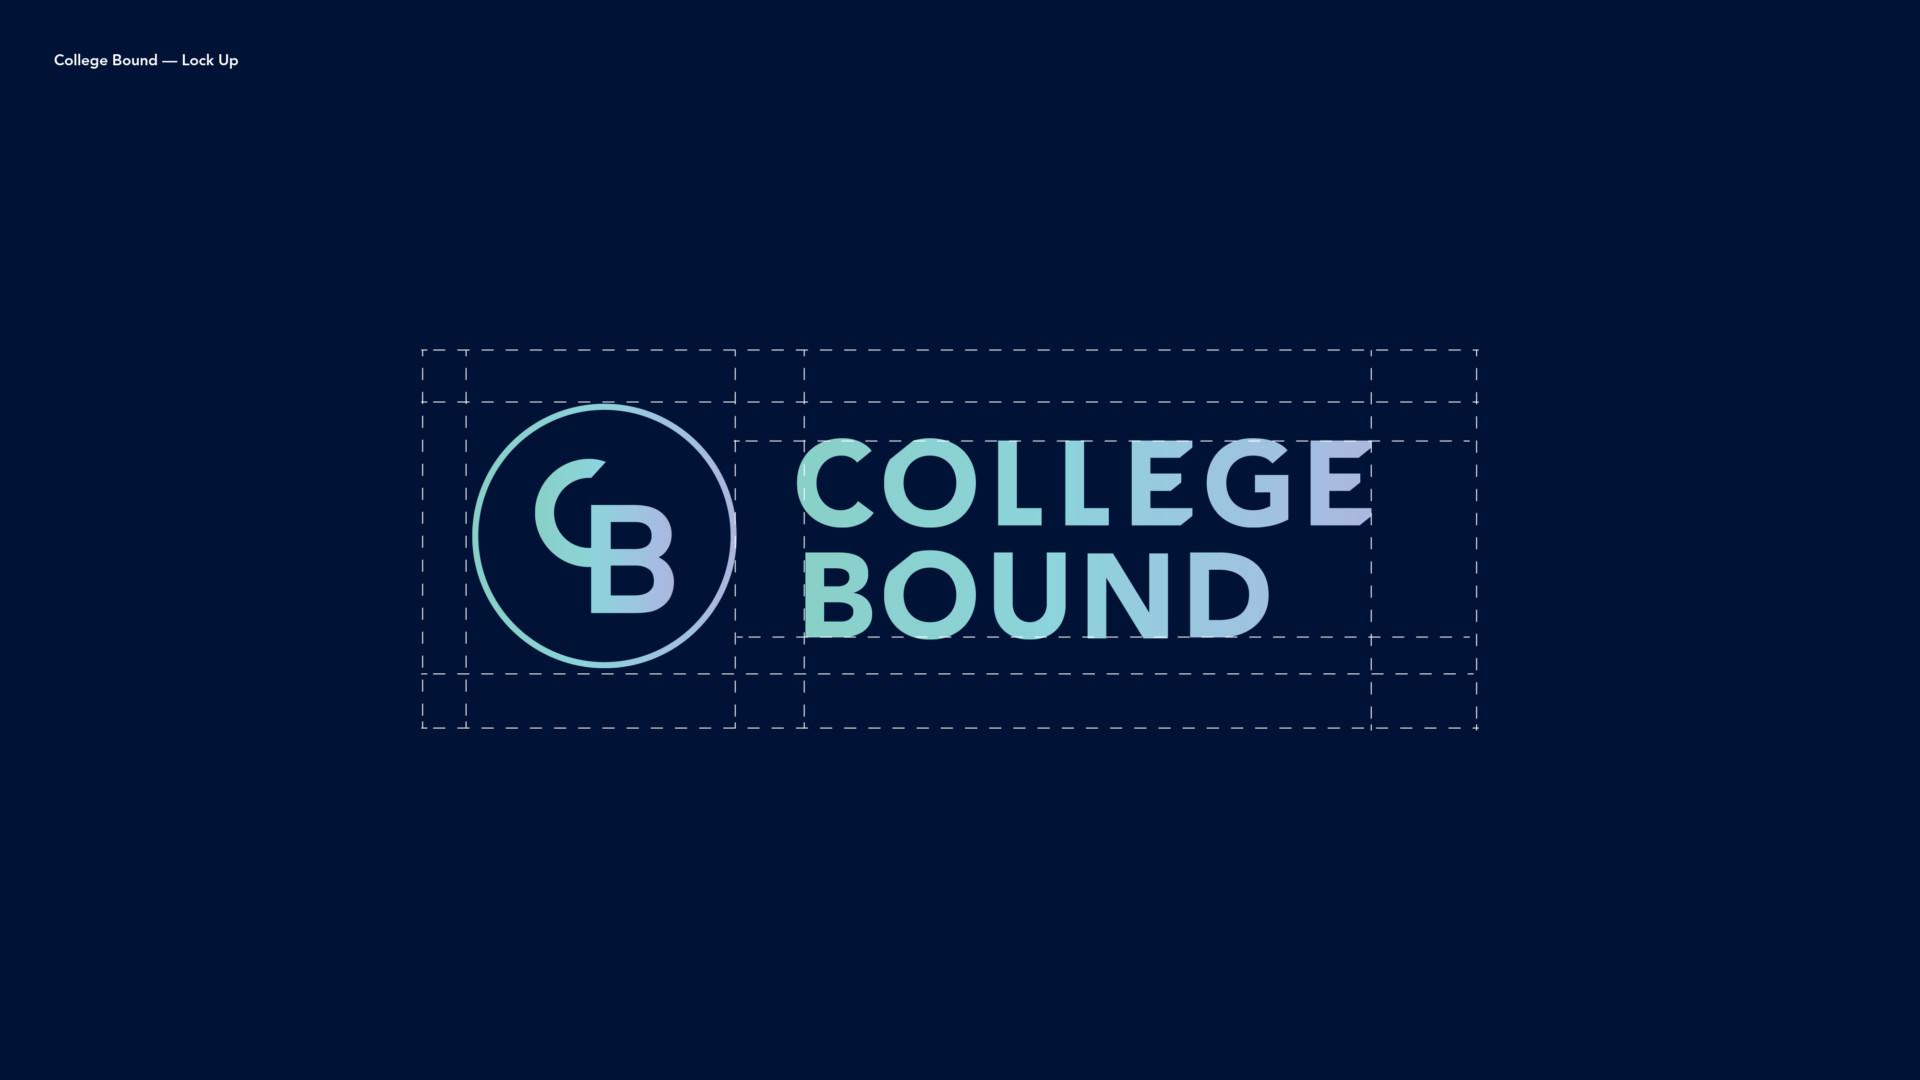 Elizabeth Bitman COLLEGE BOUND — IDENTITY & UI 2017